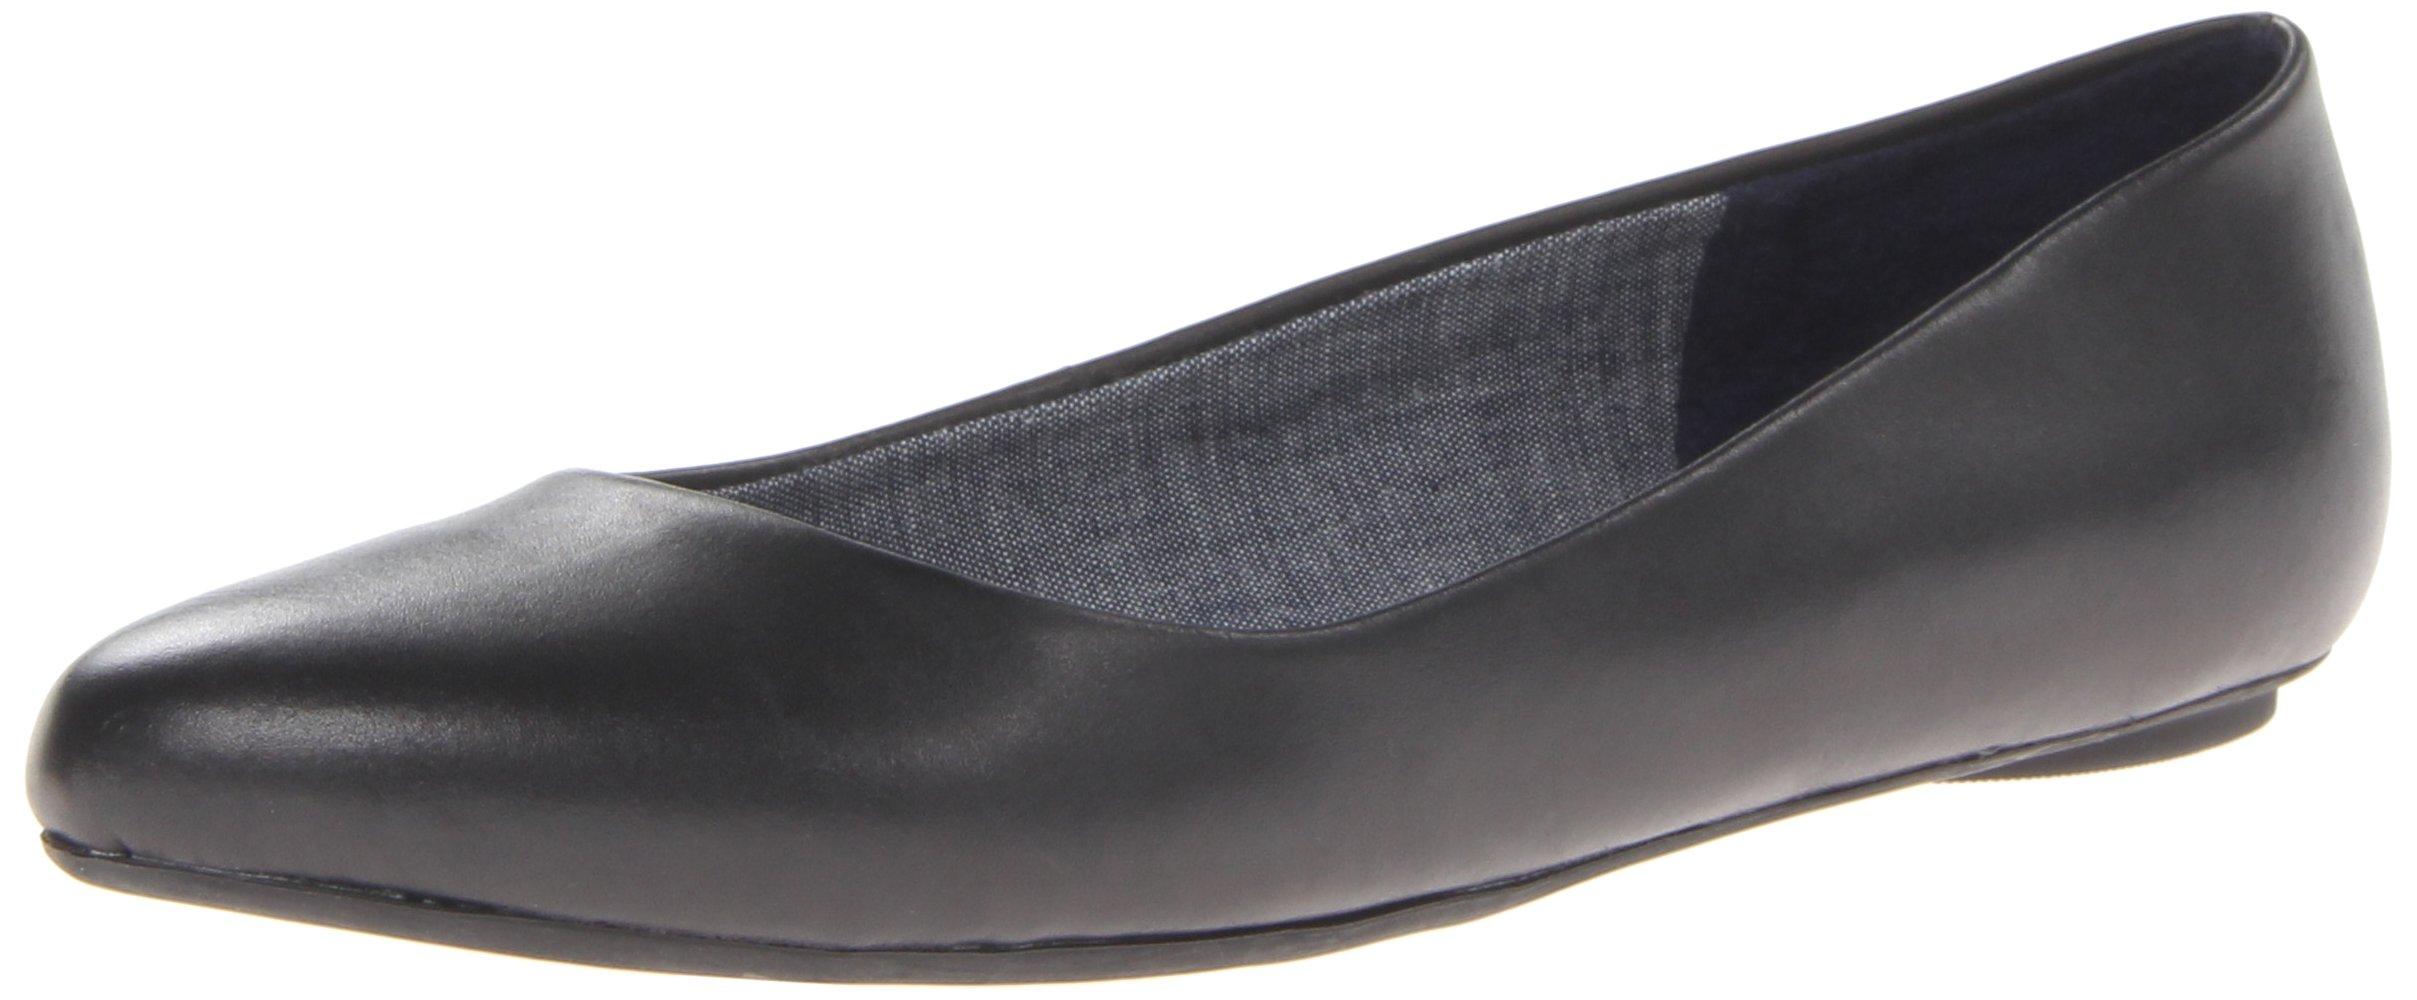 Dr. Scholl's Women's Black Flat  Shoes - 7.5 B(M) US